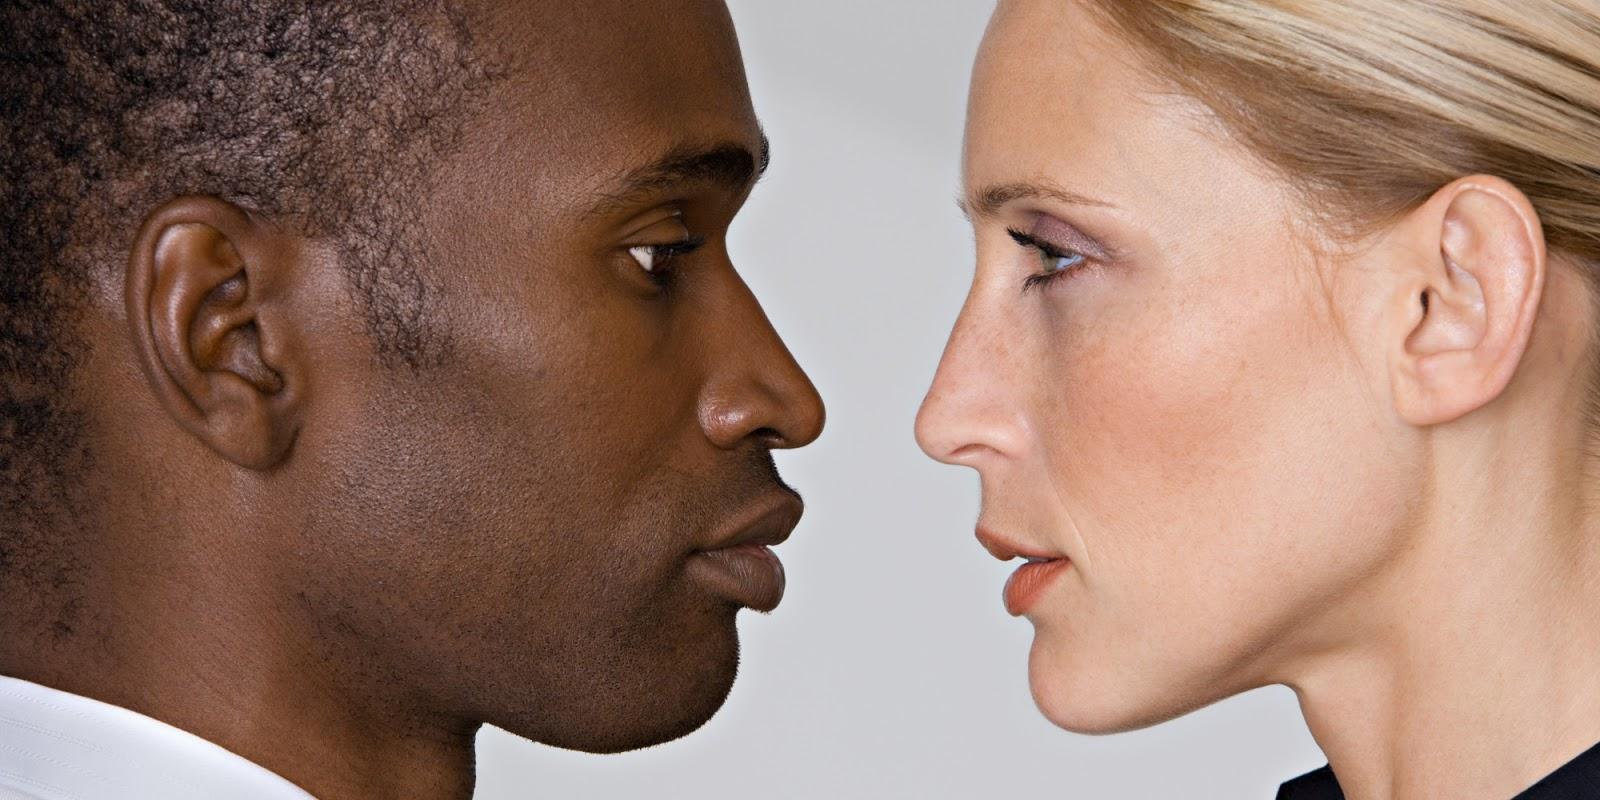 белая женщина и негр люди, которым